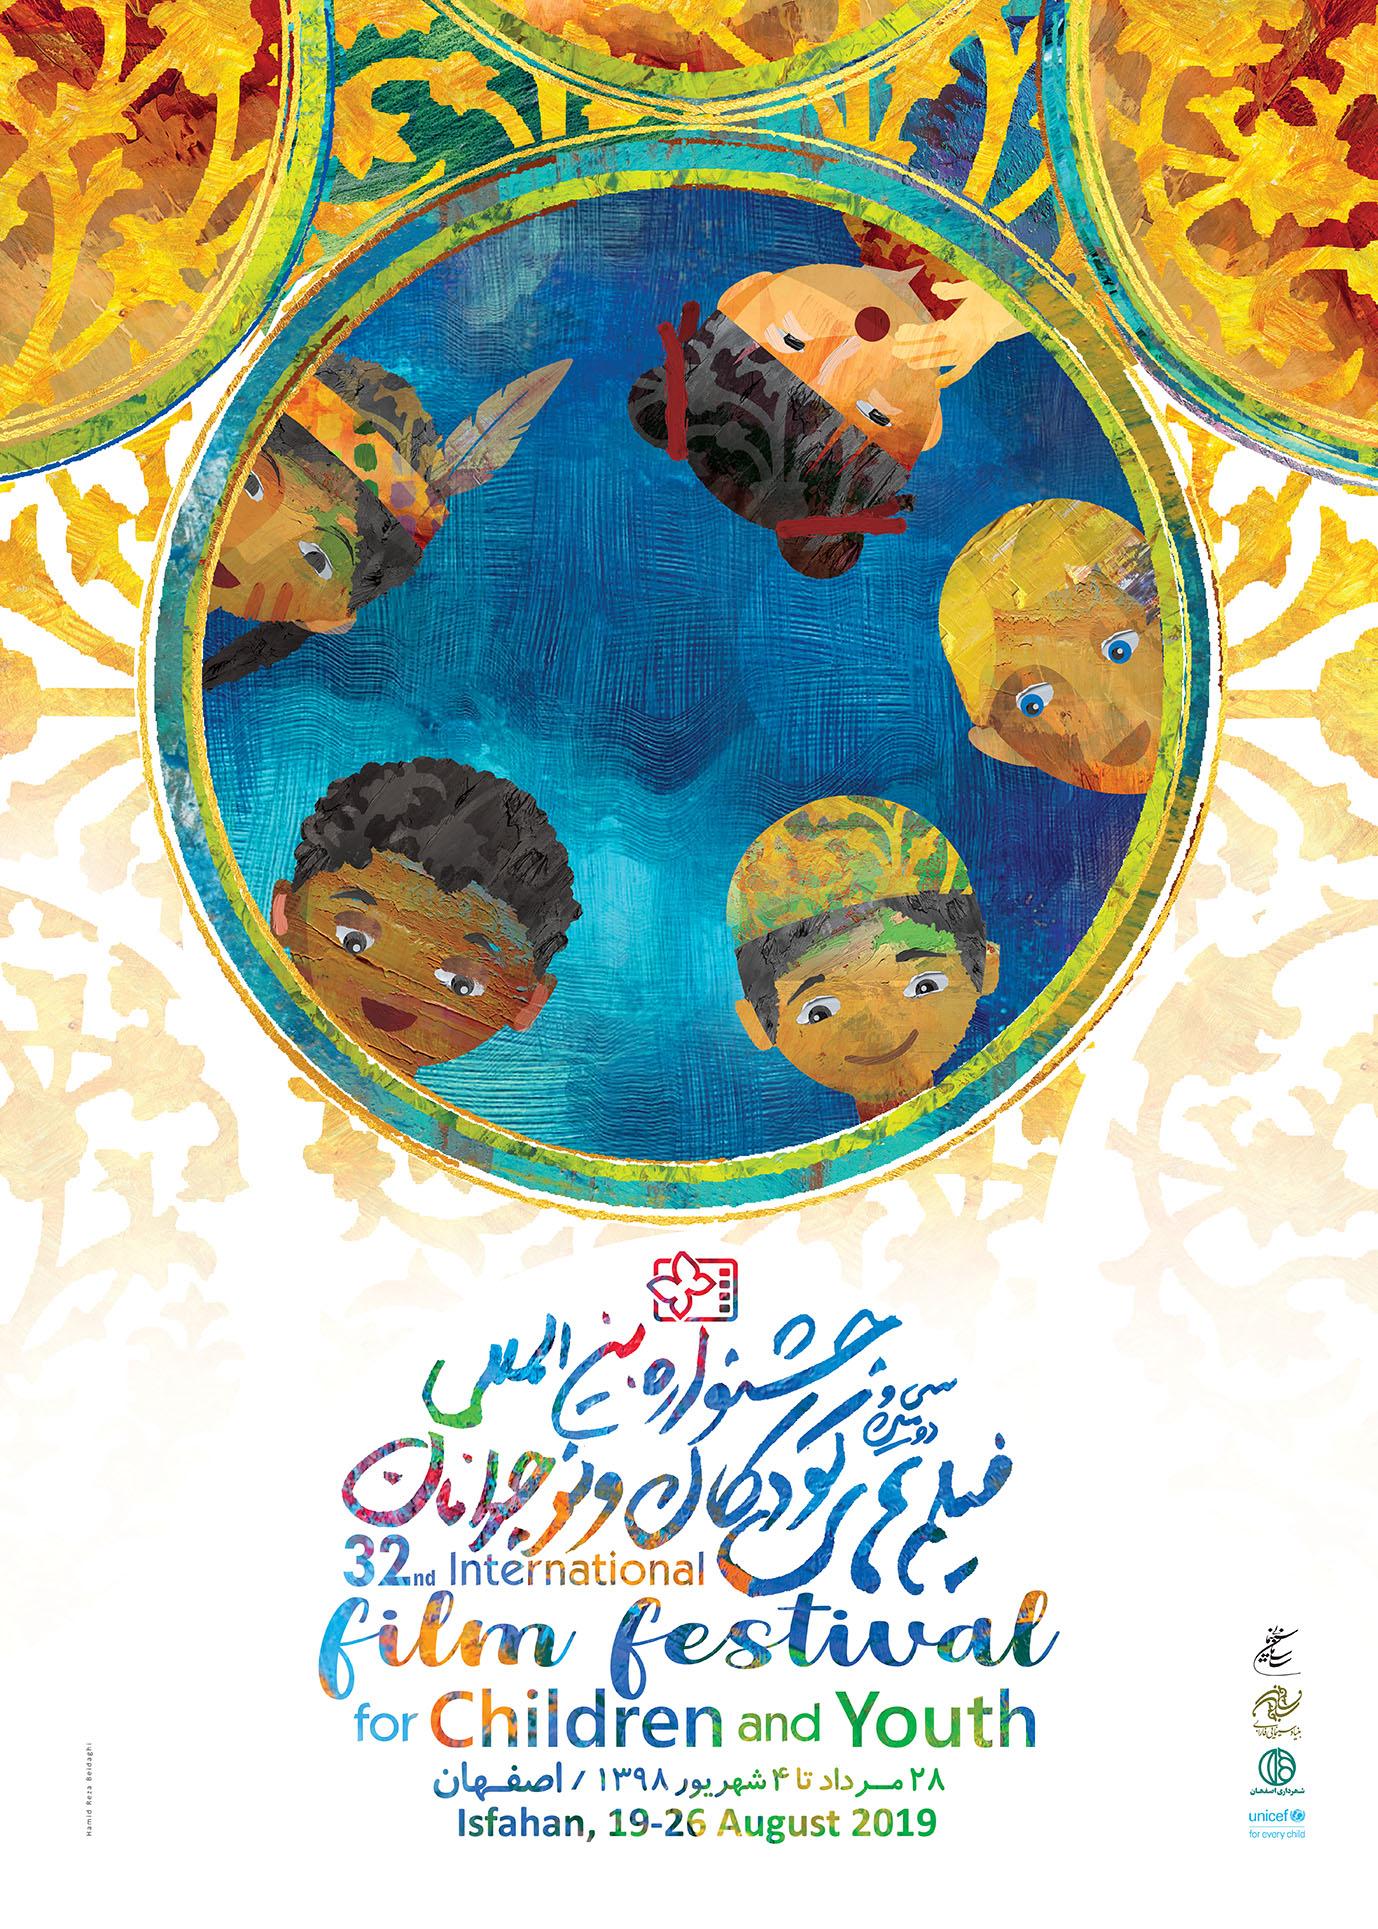 پوستر سی و دومین جشنواره بینالمللی فیلمهای کودکان و نوجوانان اثری است از «حمیدرضا بیدقی»